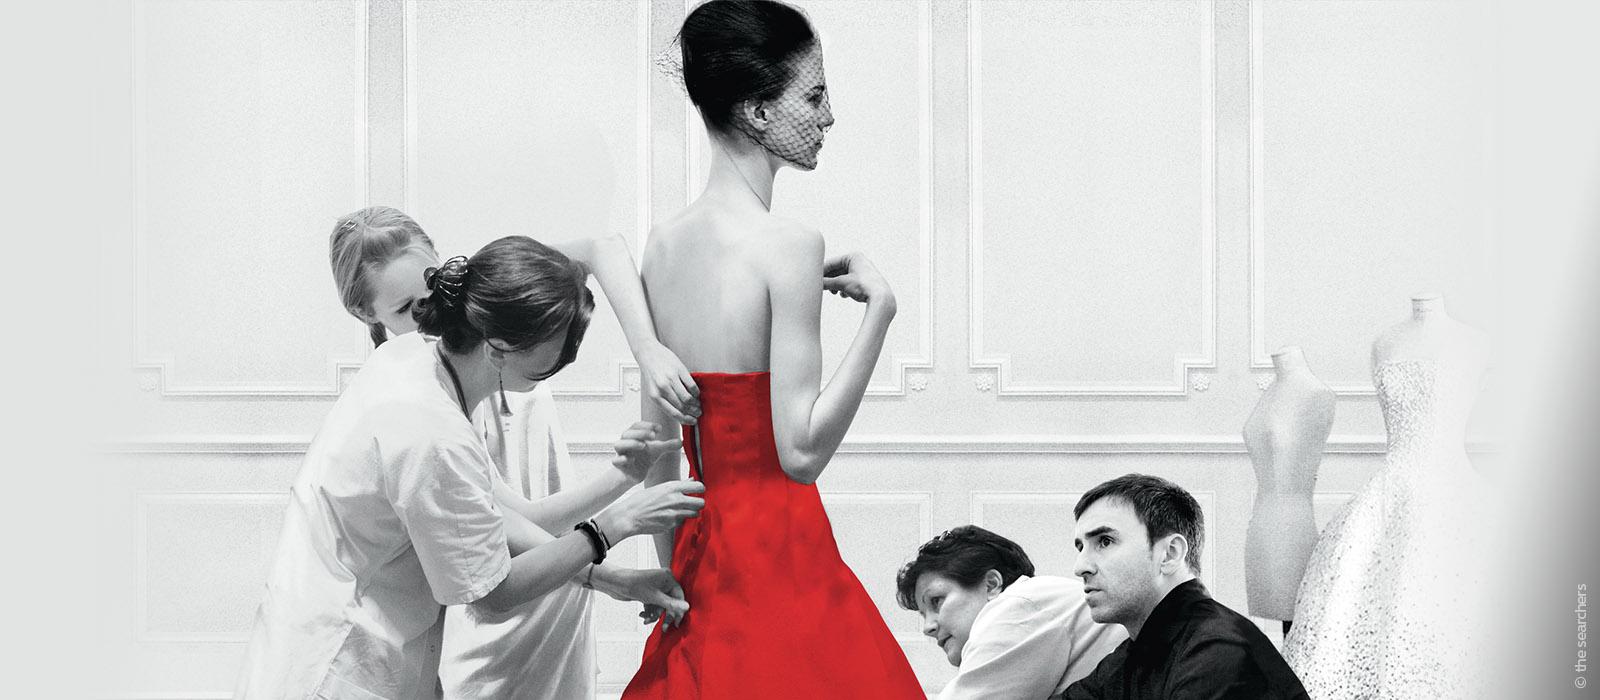 L'élégance et la mode